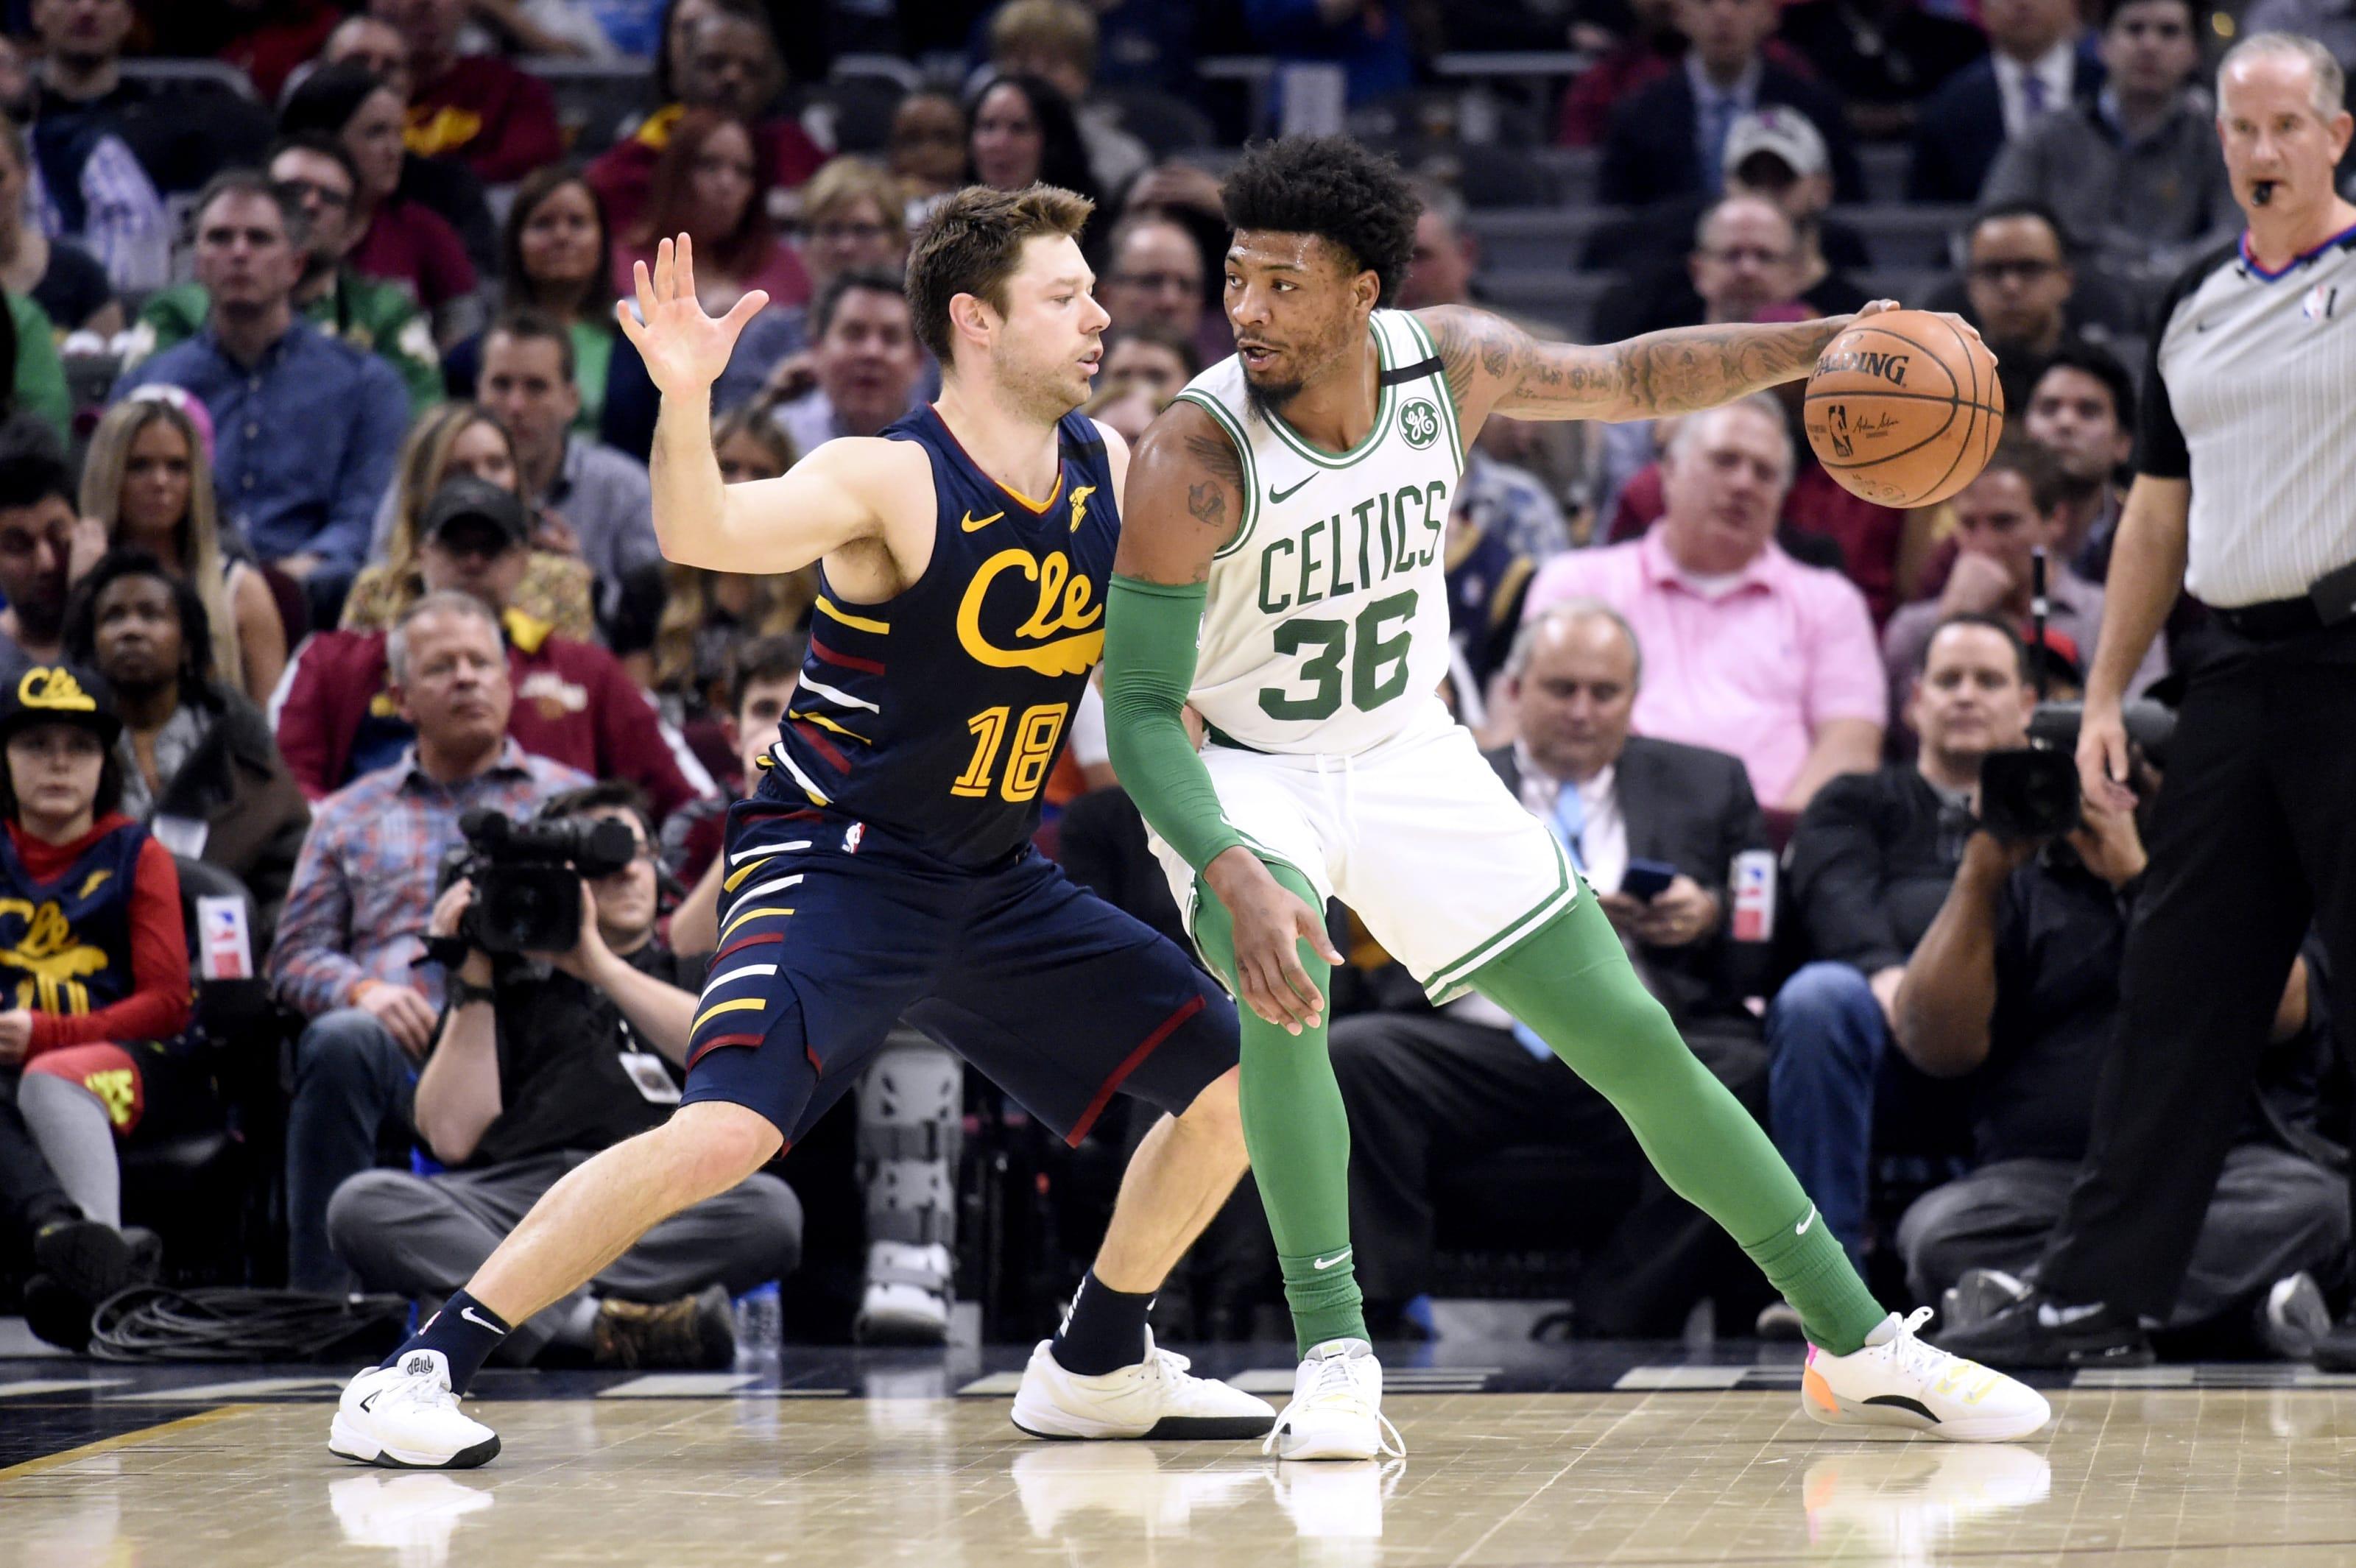 Matthew Dellavedova, Cleveland Cavaliers